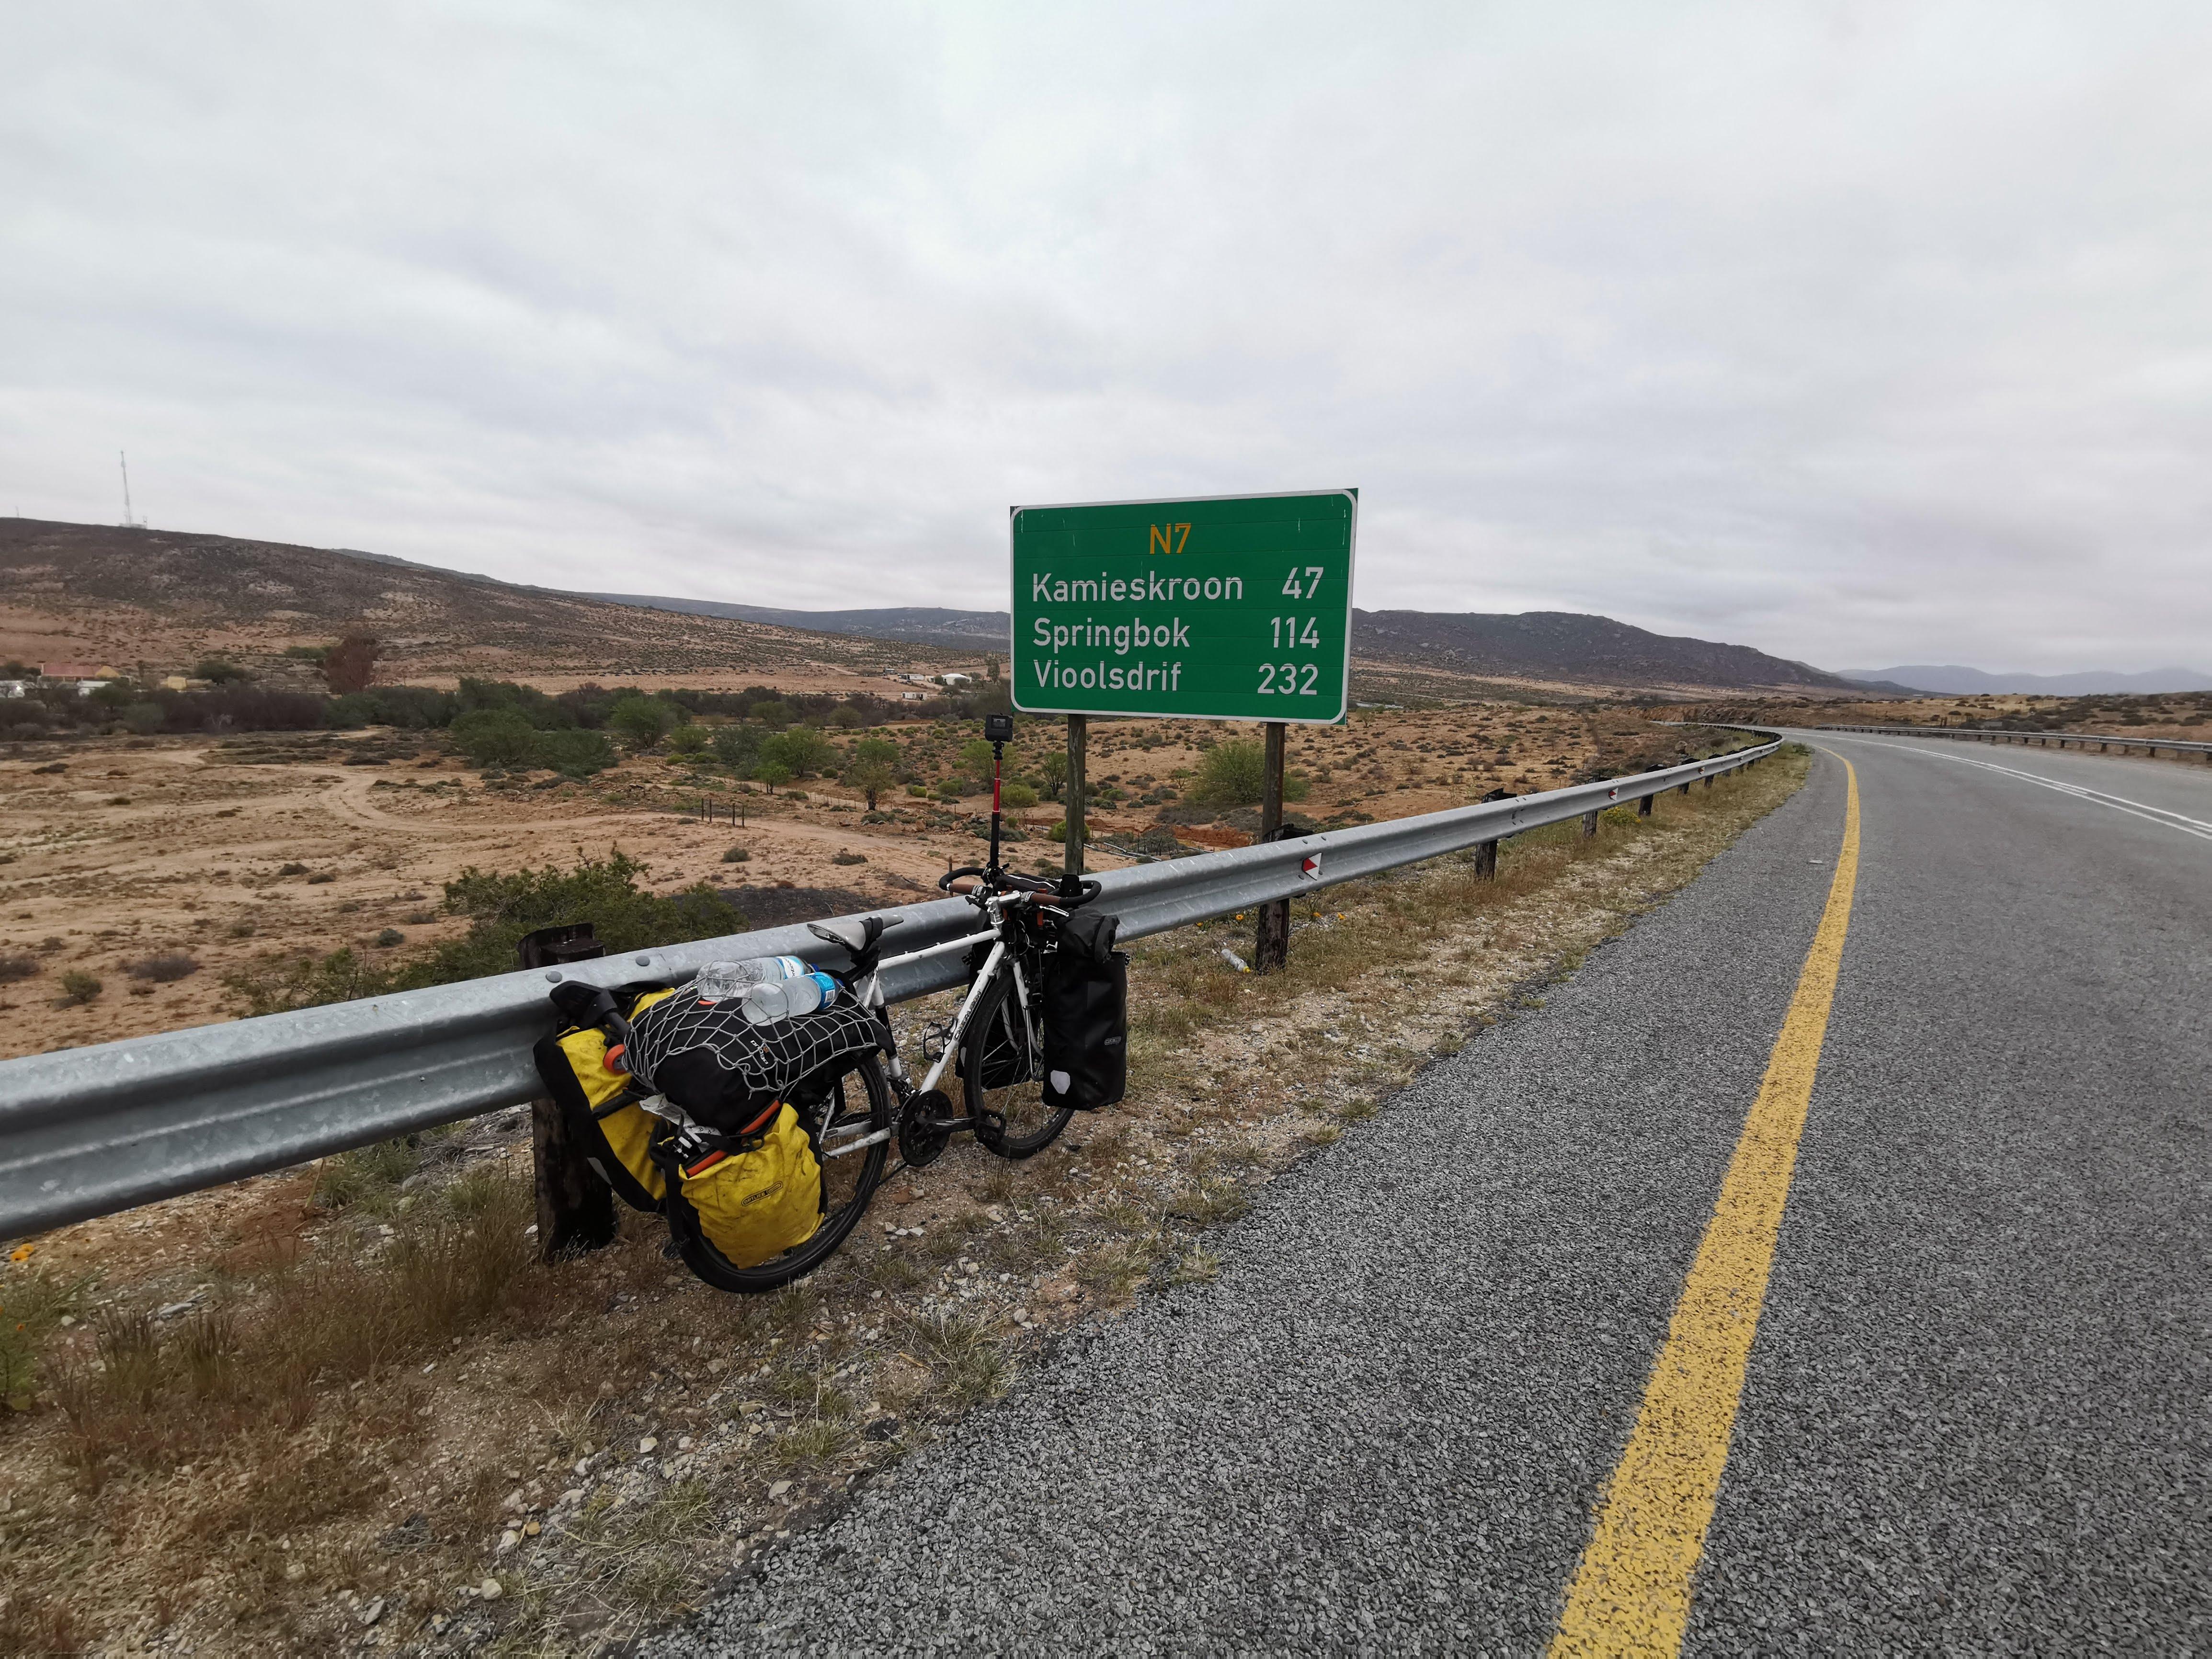 Springbokまで114kmの標識